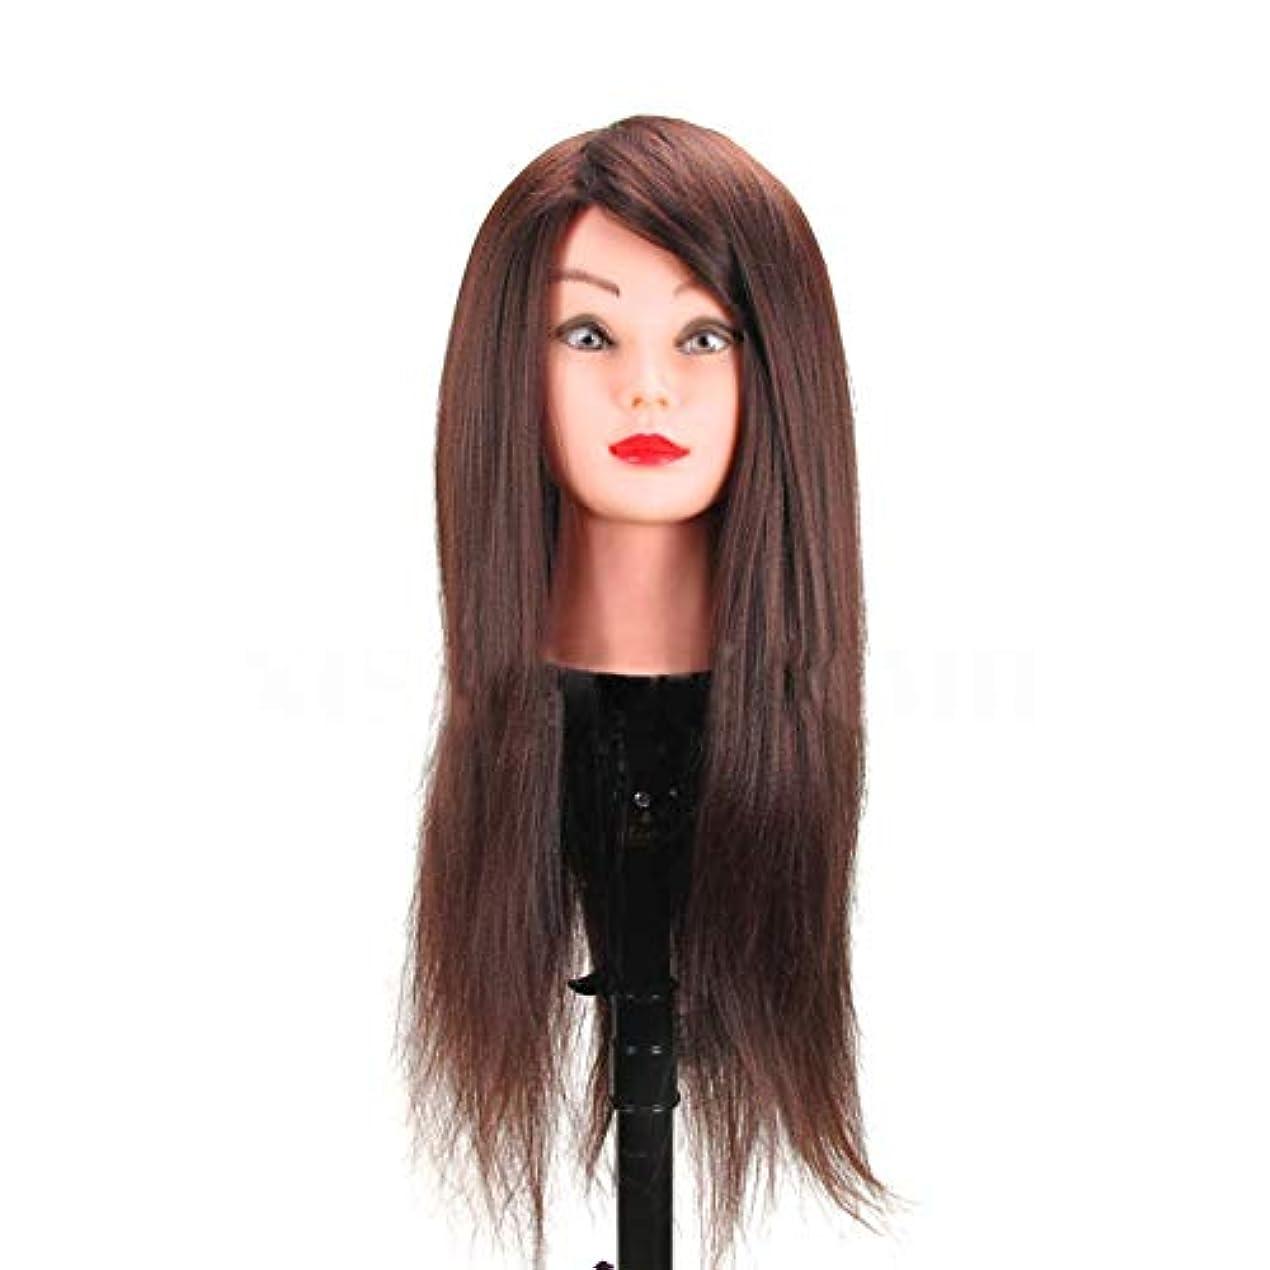 非行かどうかレンダー高温シルク編組ヘアスタイリングヘッドモデル理髪店理髪ダミーヘッド化粧練習マネキンヘッド